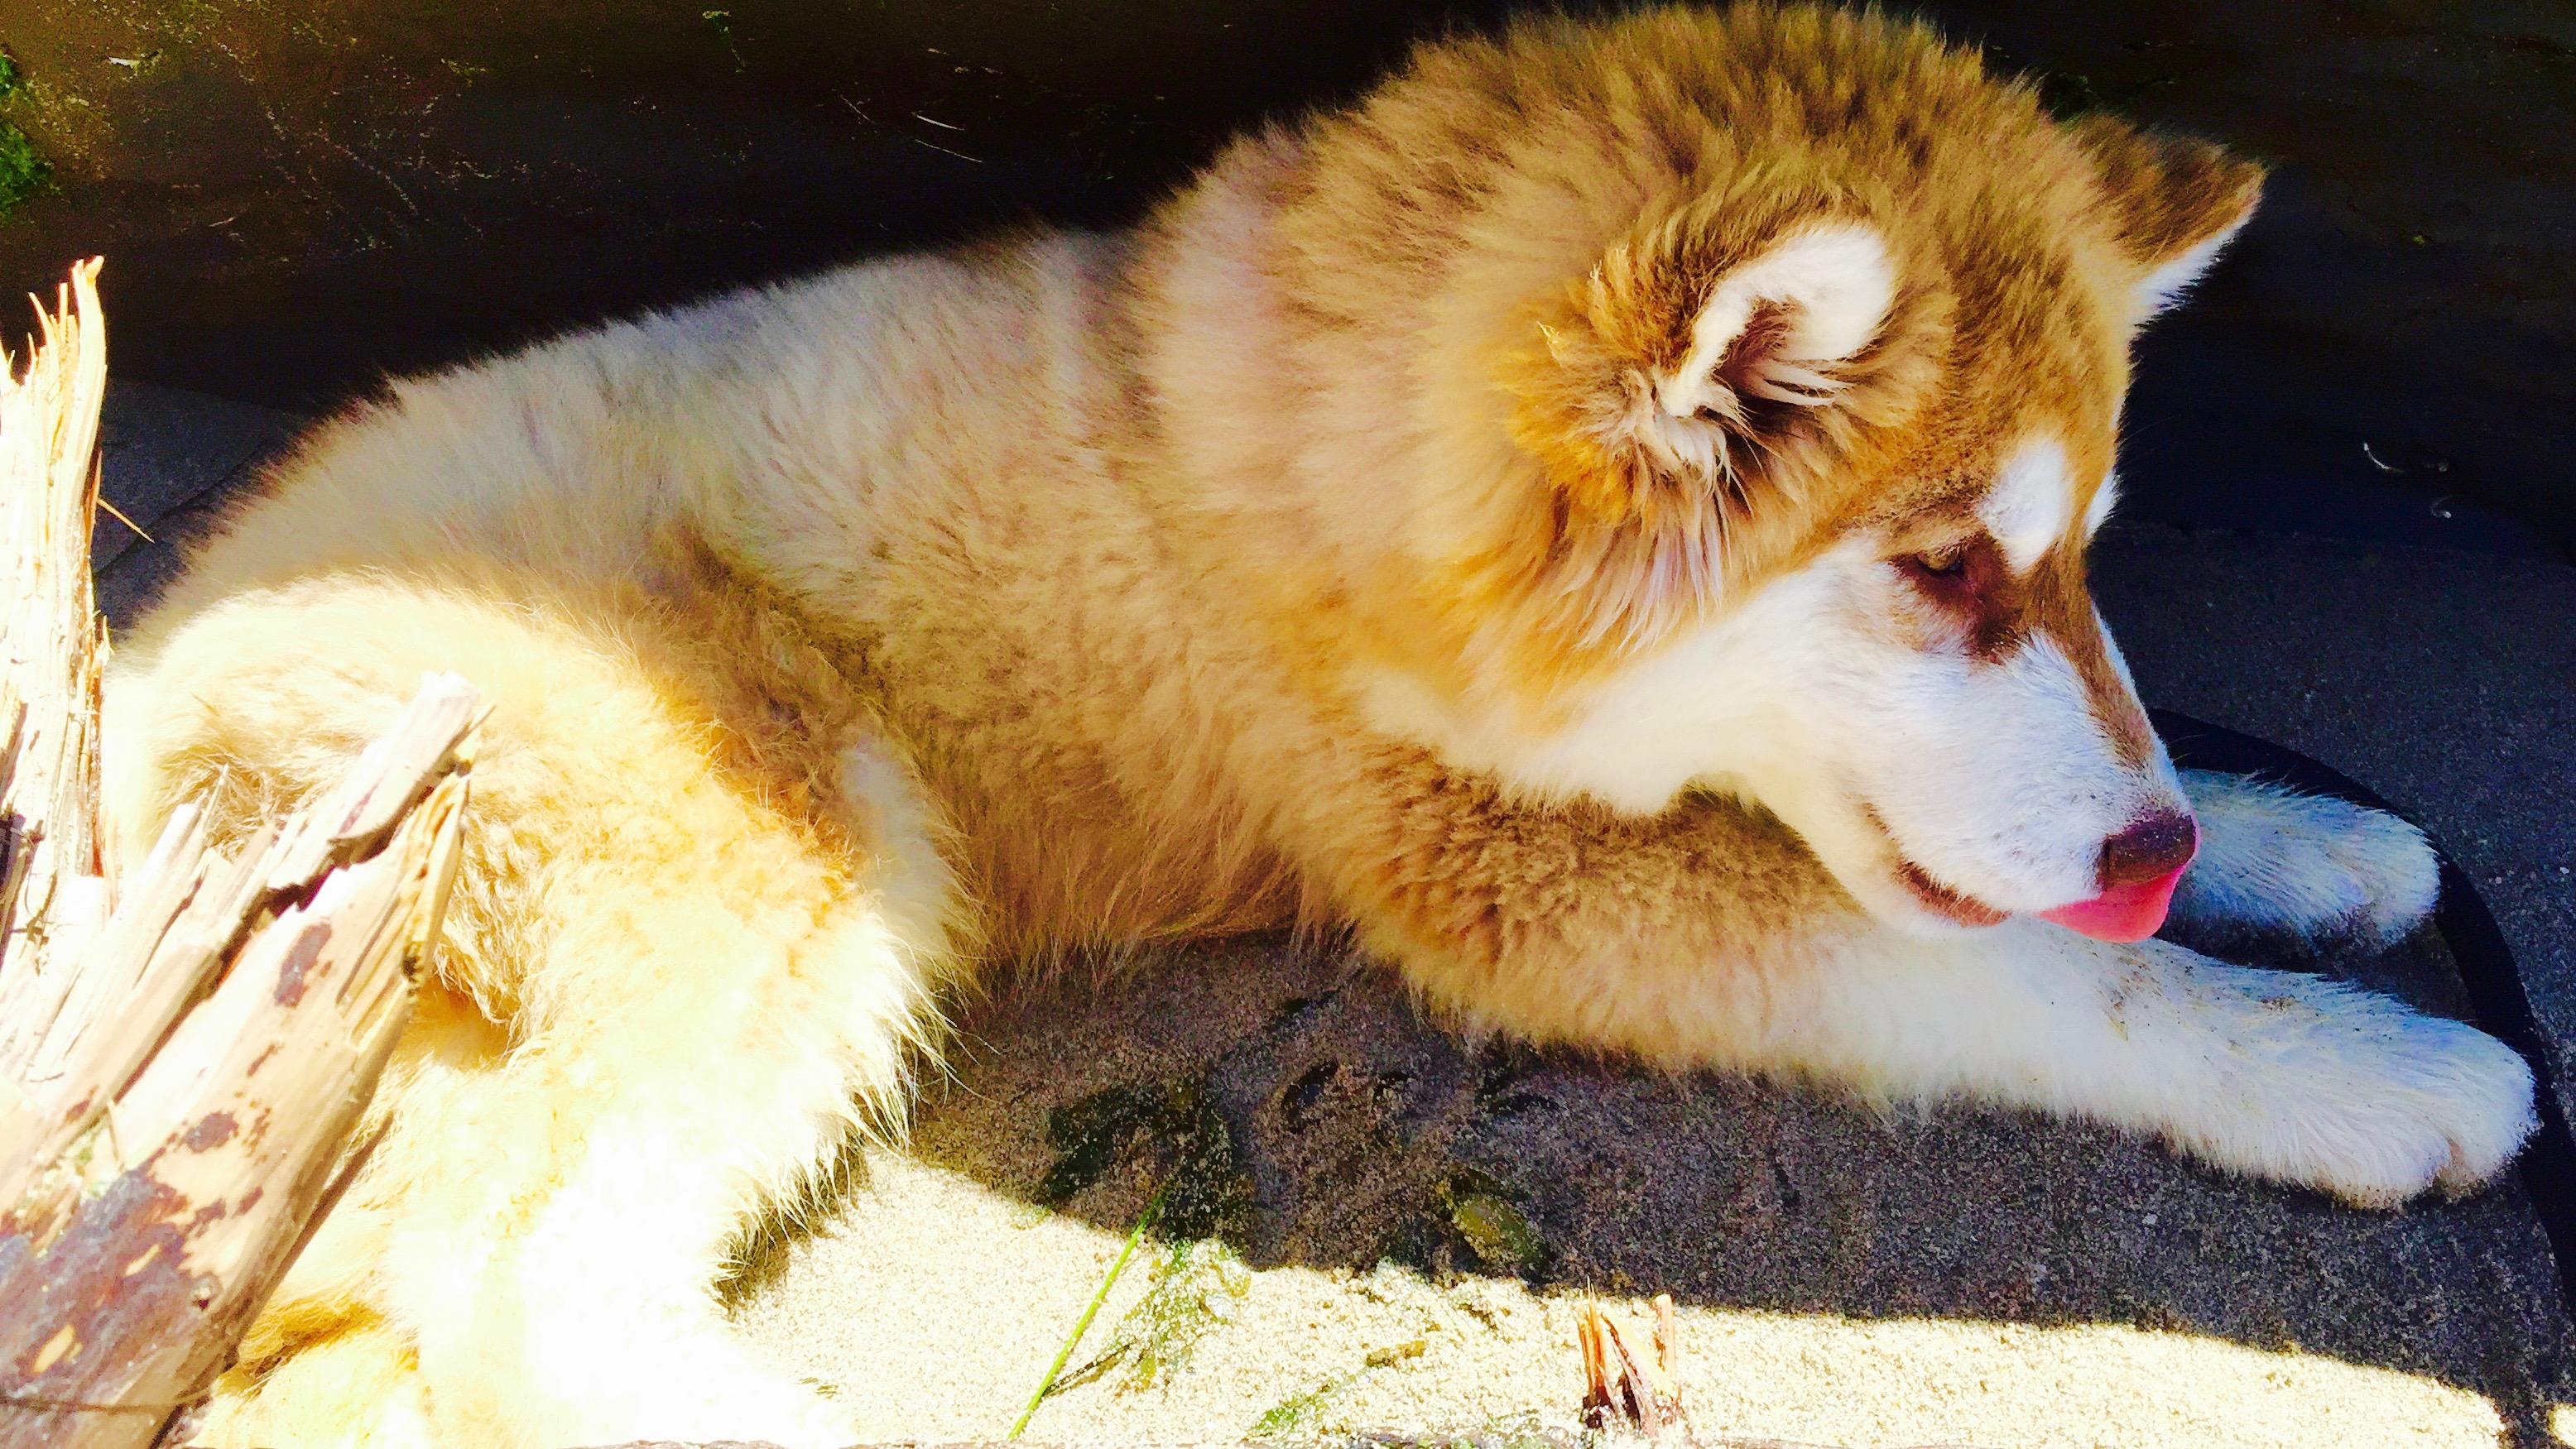 Husky malamute pup at the beach.